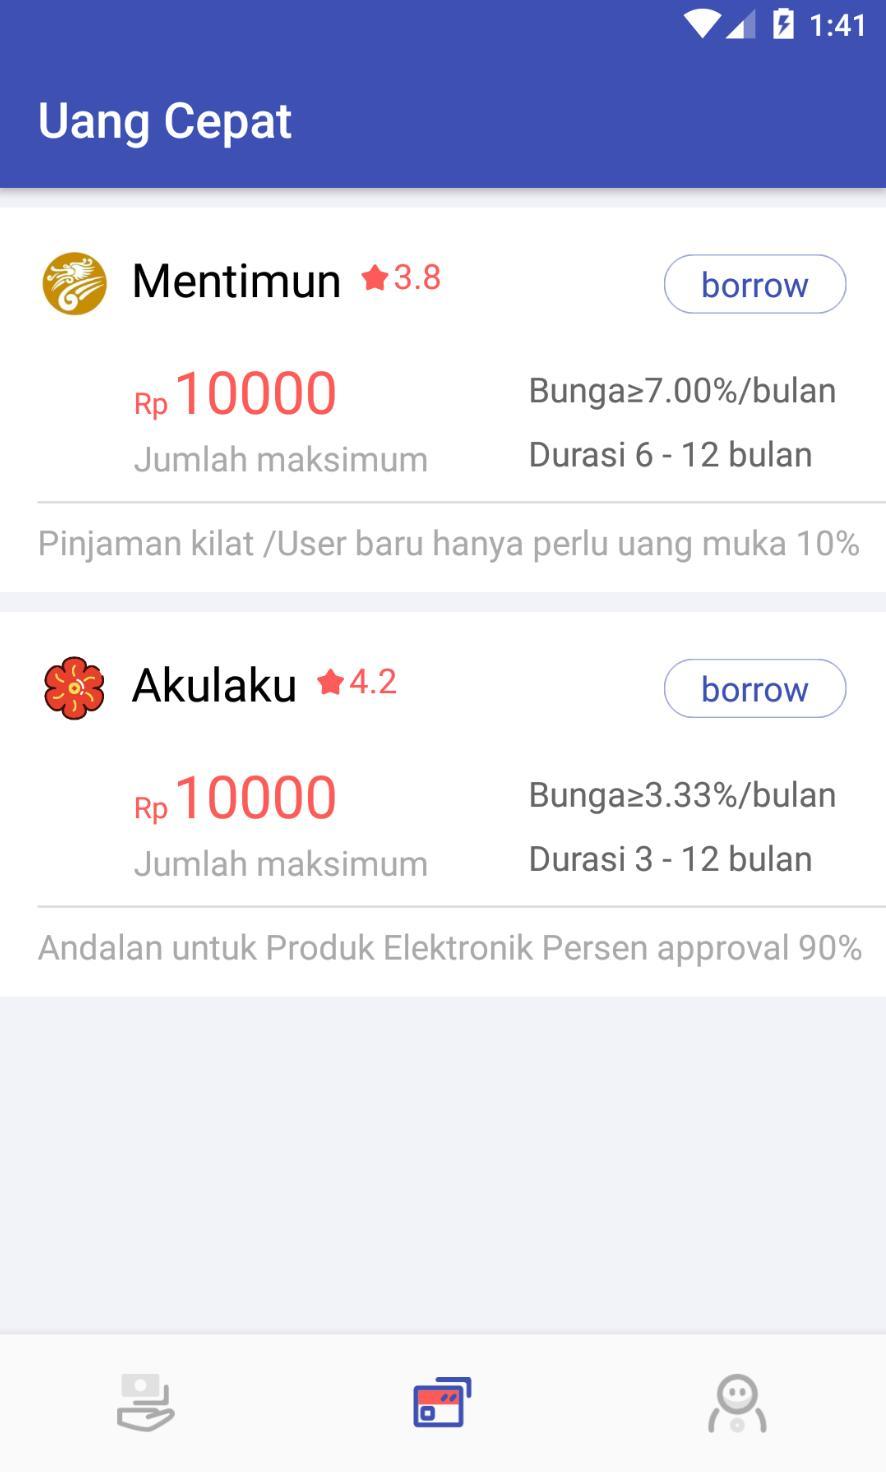 Kredit Pinjaman Dana Rupiah Pinjaman Uang Online For Android Apk